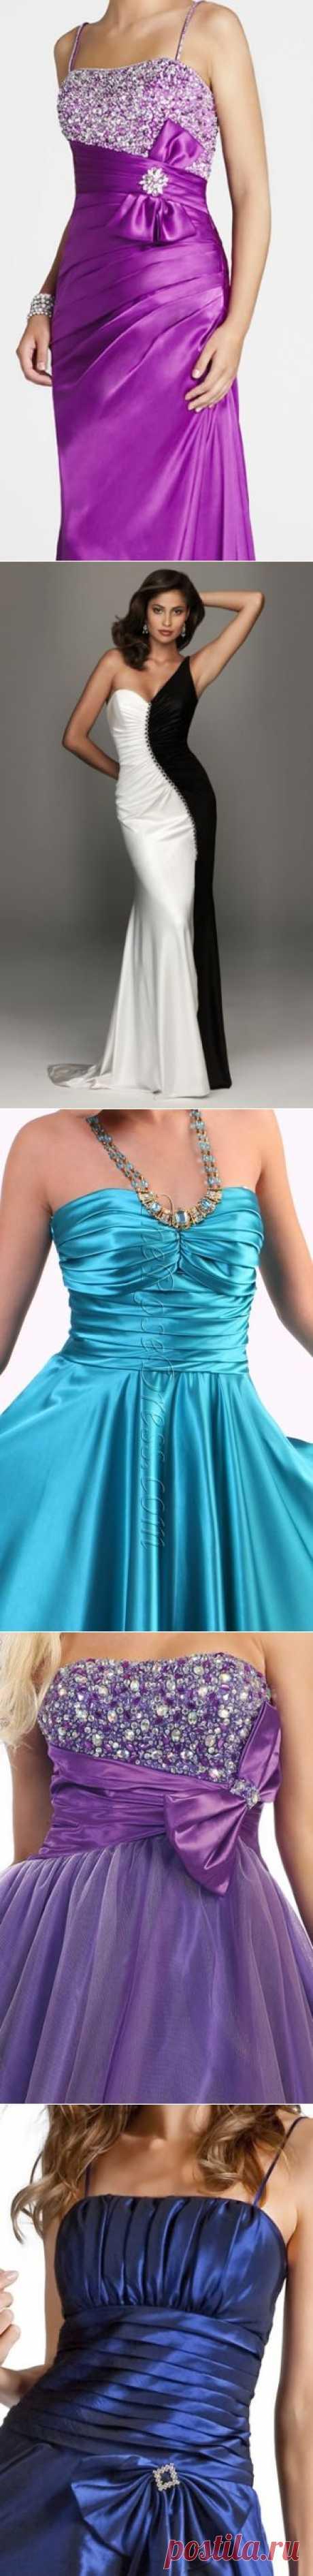 ВЕЧЕРНИЕ платья -  20 роскошных  моделей ! Любая женщина в правильном платье превращается в сказочную принцессу или обольстительную соблазнительницу !.. К выбору вечернего платья нужно подойти серьёзно, как к наряду для невесты !